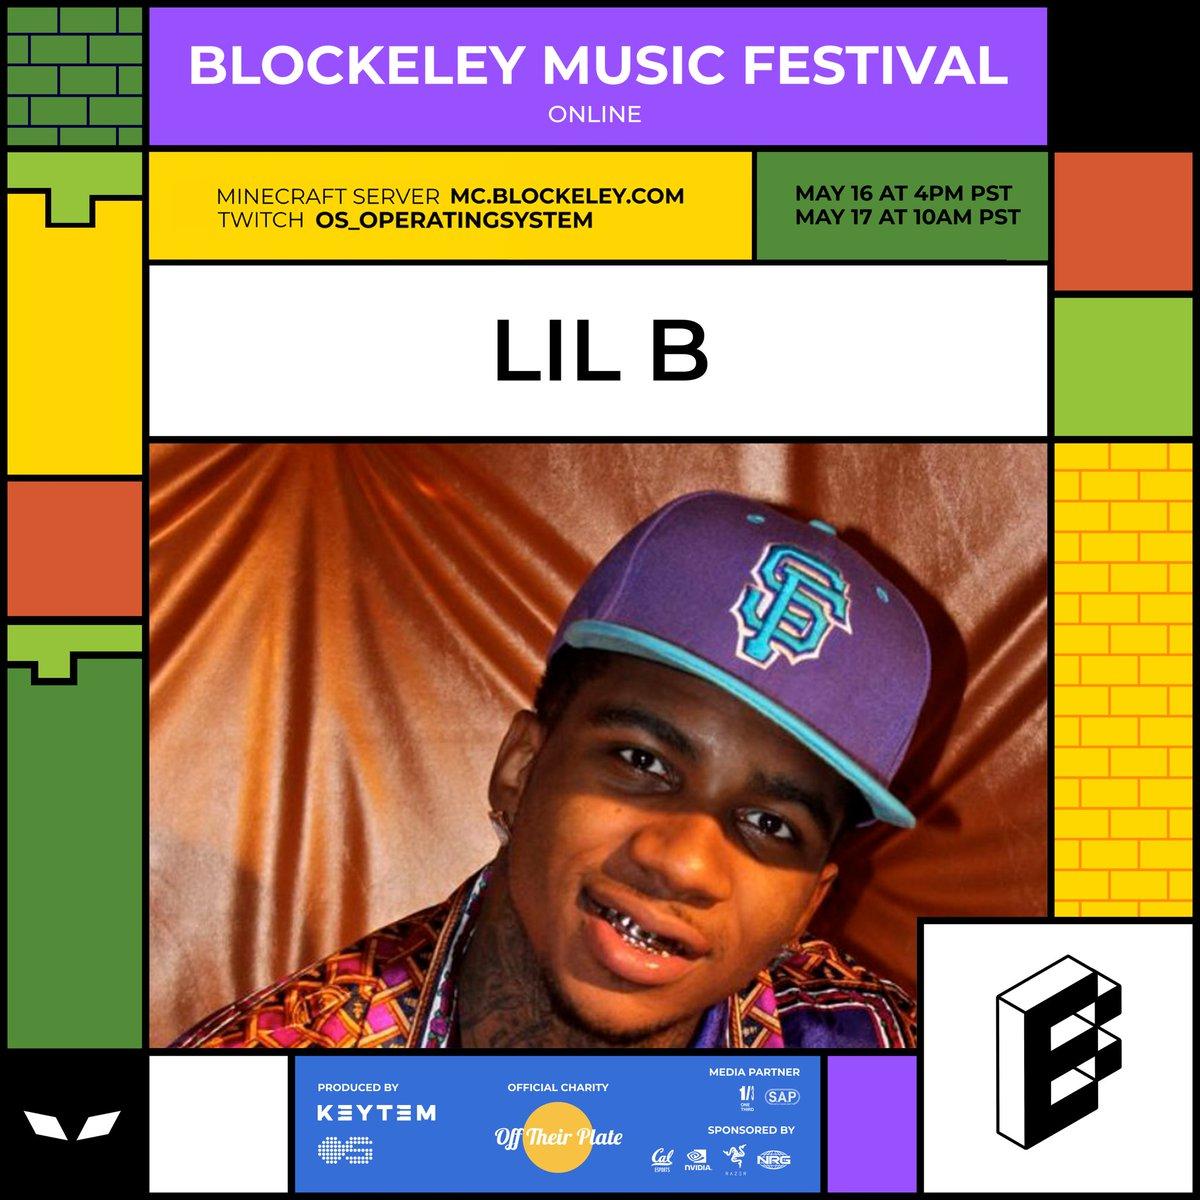 @LILBTHEBASEDGOD COME PREFORM LIVE ON OUR MINECRAFT SERVER!! SERVER IP: MC.BLOCKELEY.COM